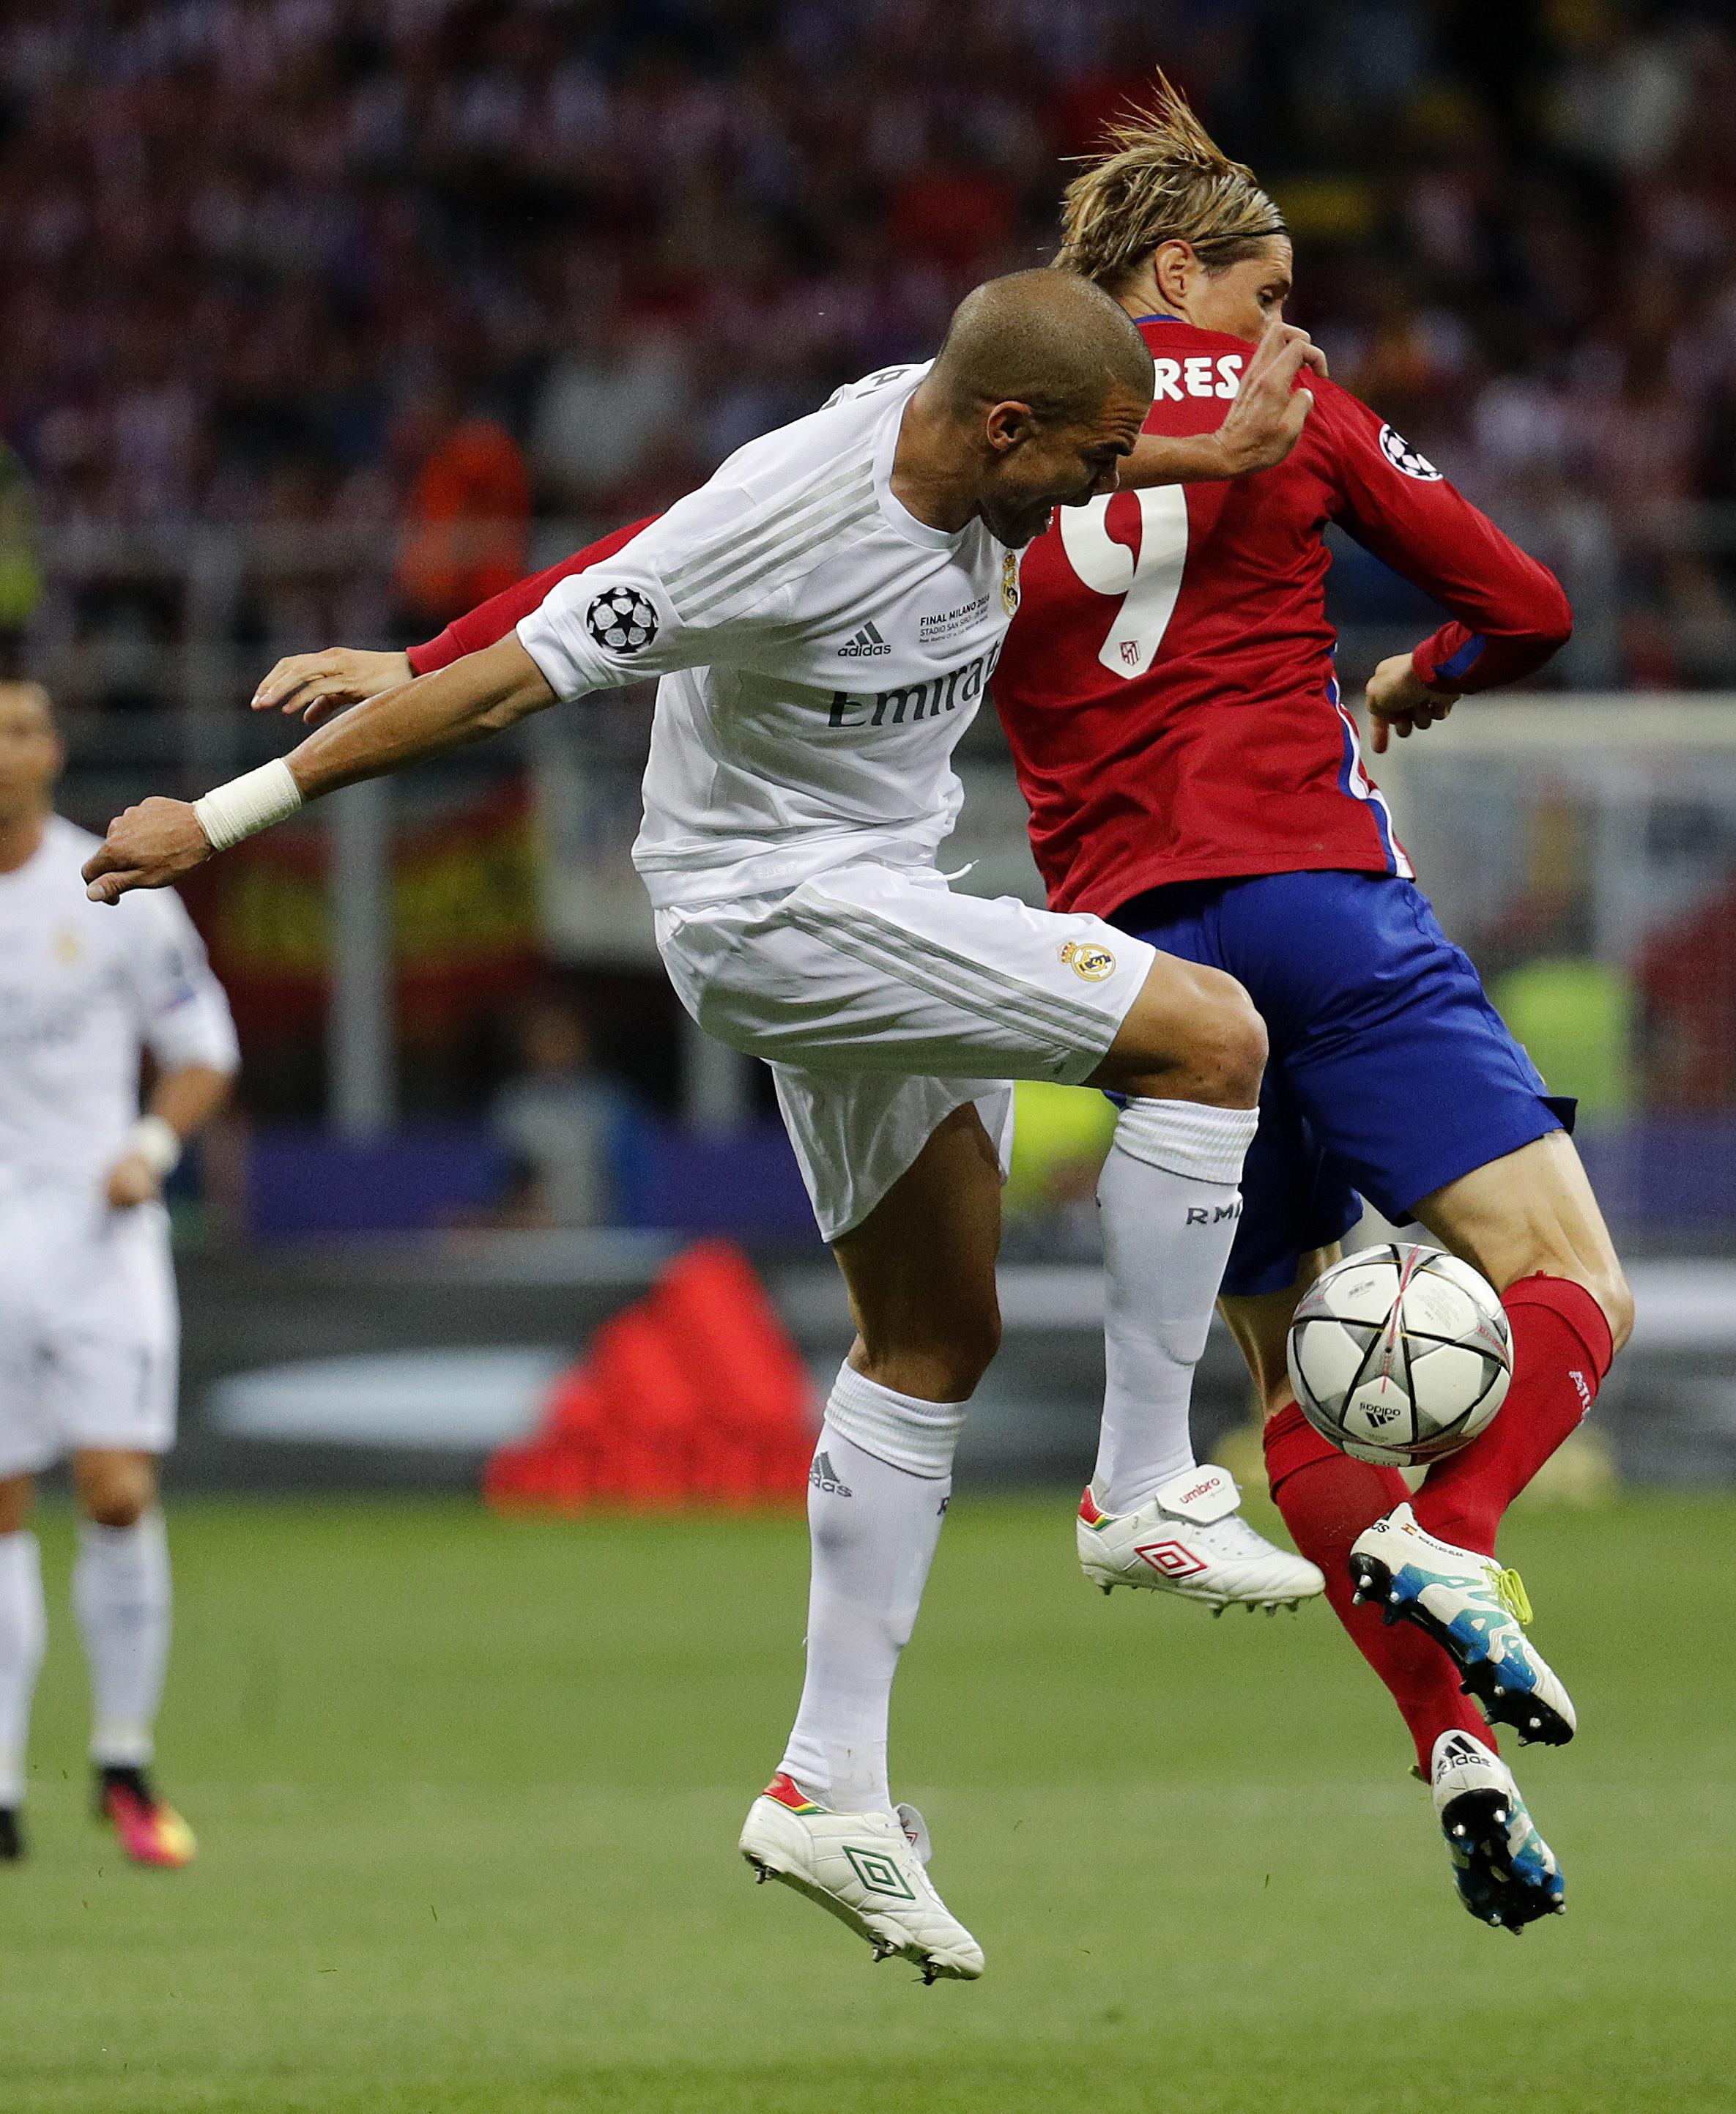 GRA535. MILÁN (ITALIA), 28/05/2016.- El defensa portugués del Real Madrid Képler Lima Pepe (i) lucha un balón con el delantero del Atlético de Madrid Fernando Torres (d), durante la final de Liga de Campeones que se disputa hoy en el estadio de San Siro, en Milán. EFE/JuanJo Martín